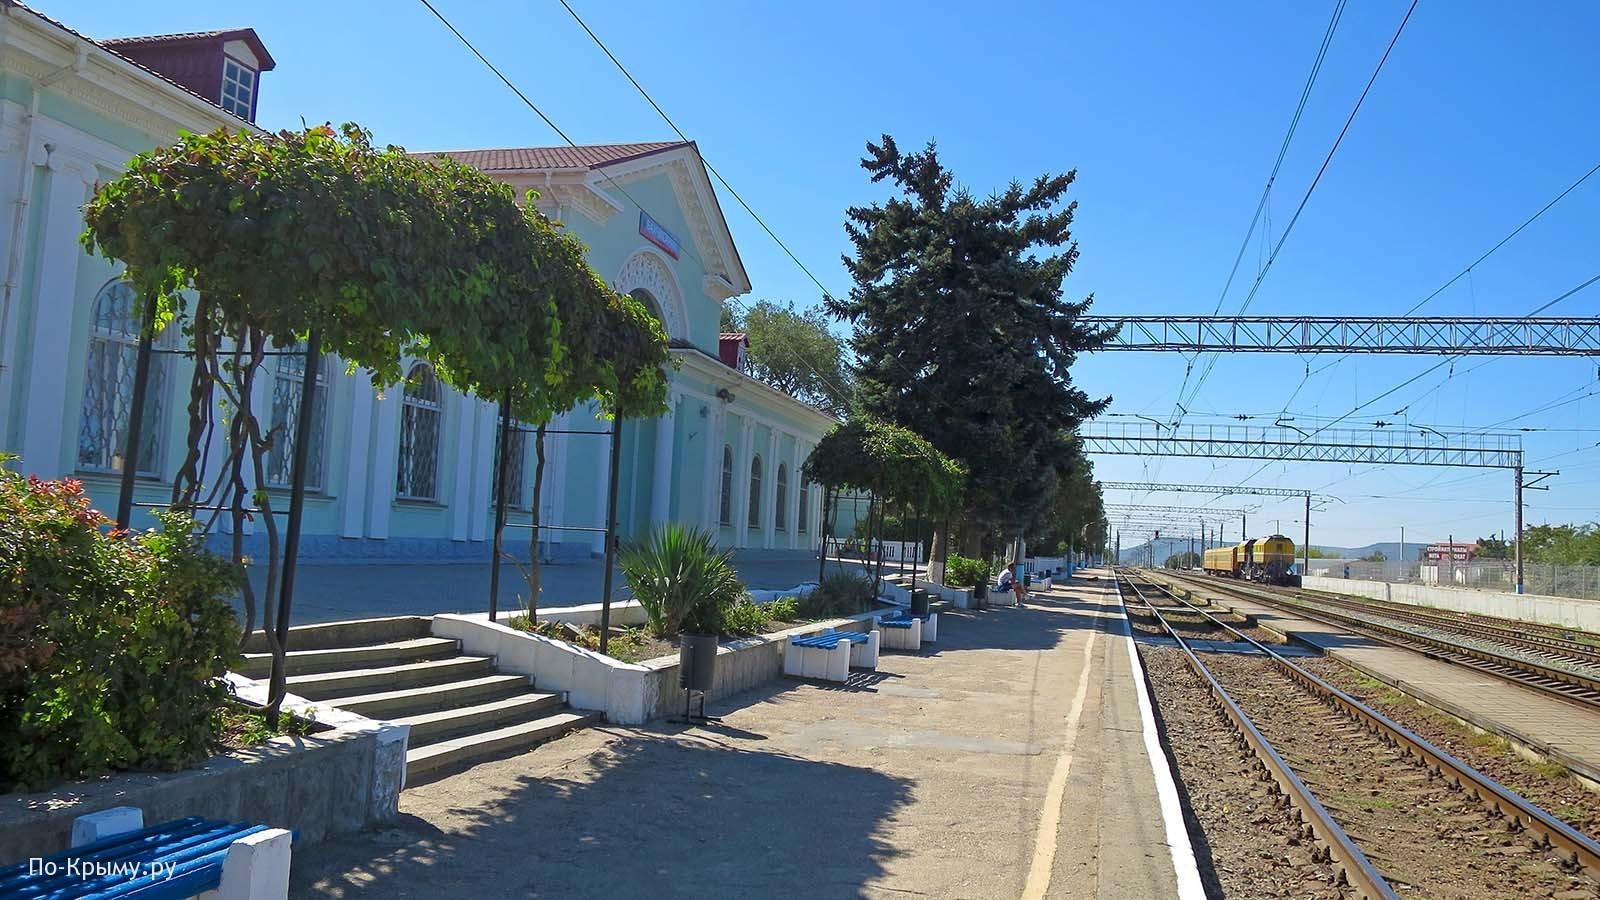 Железнодорожная станция Бахчисарая